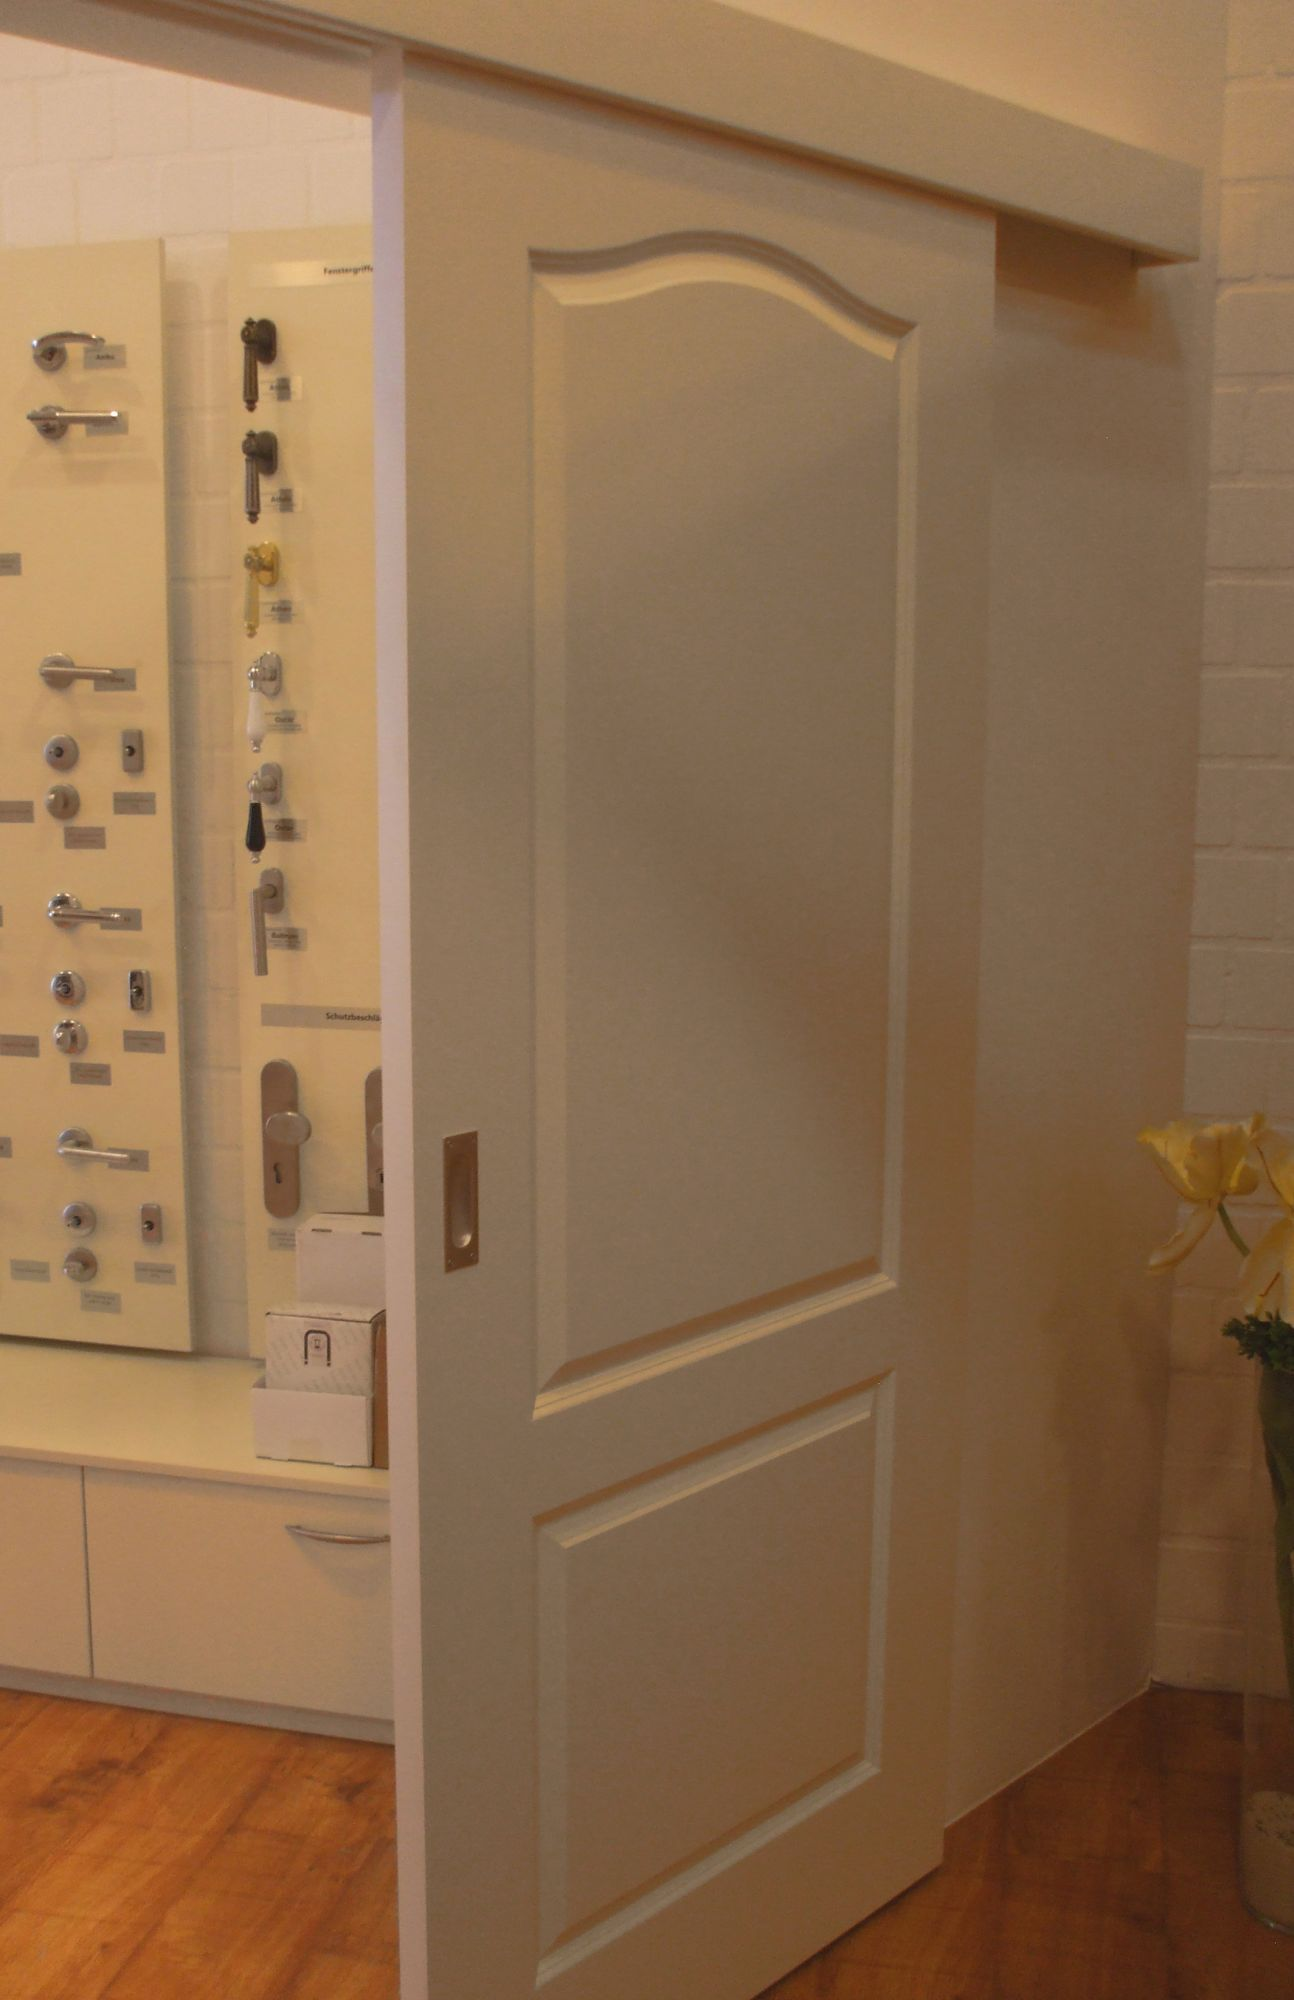 schiebet r profilt r modell sylt 2ksr inkl zarge. Black Bedroom Furniture Sets. Home Design Ideas